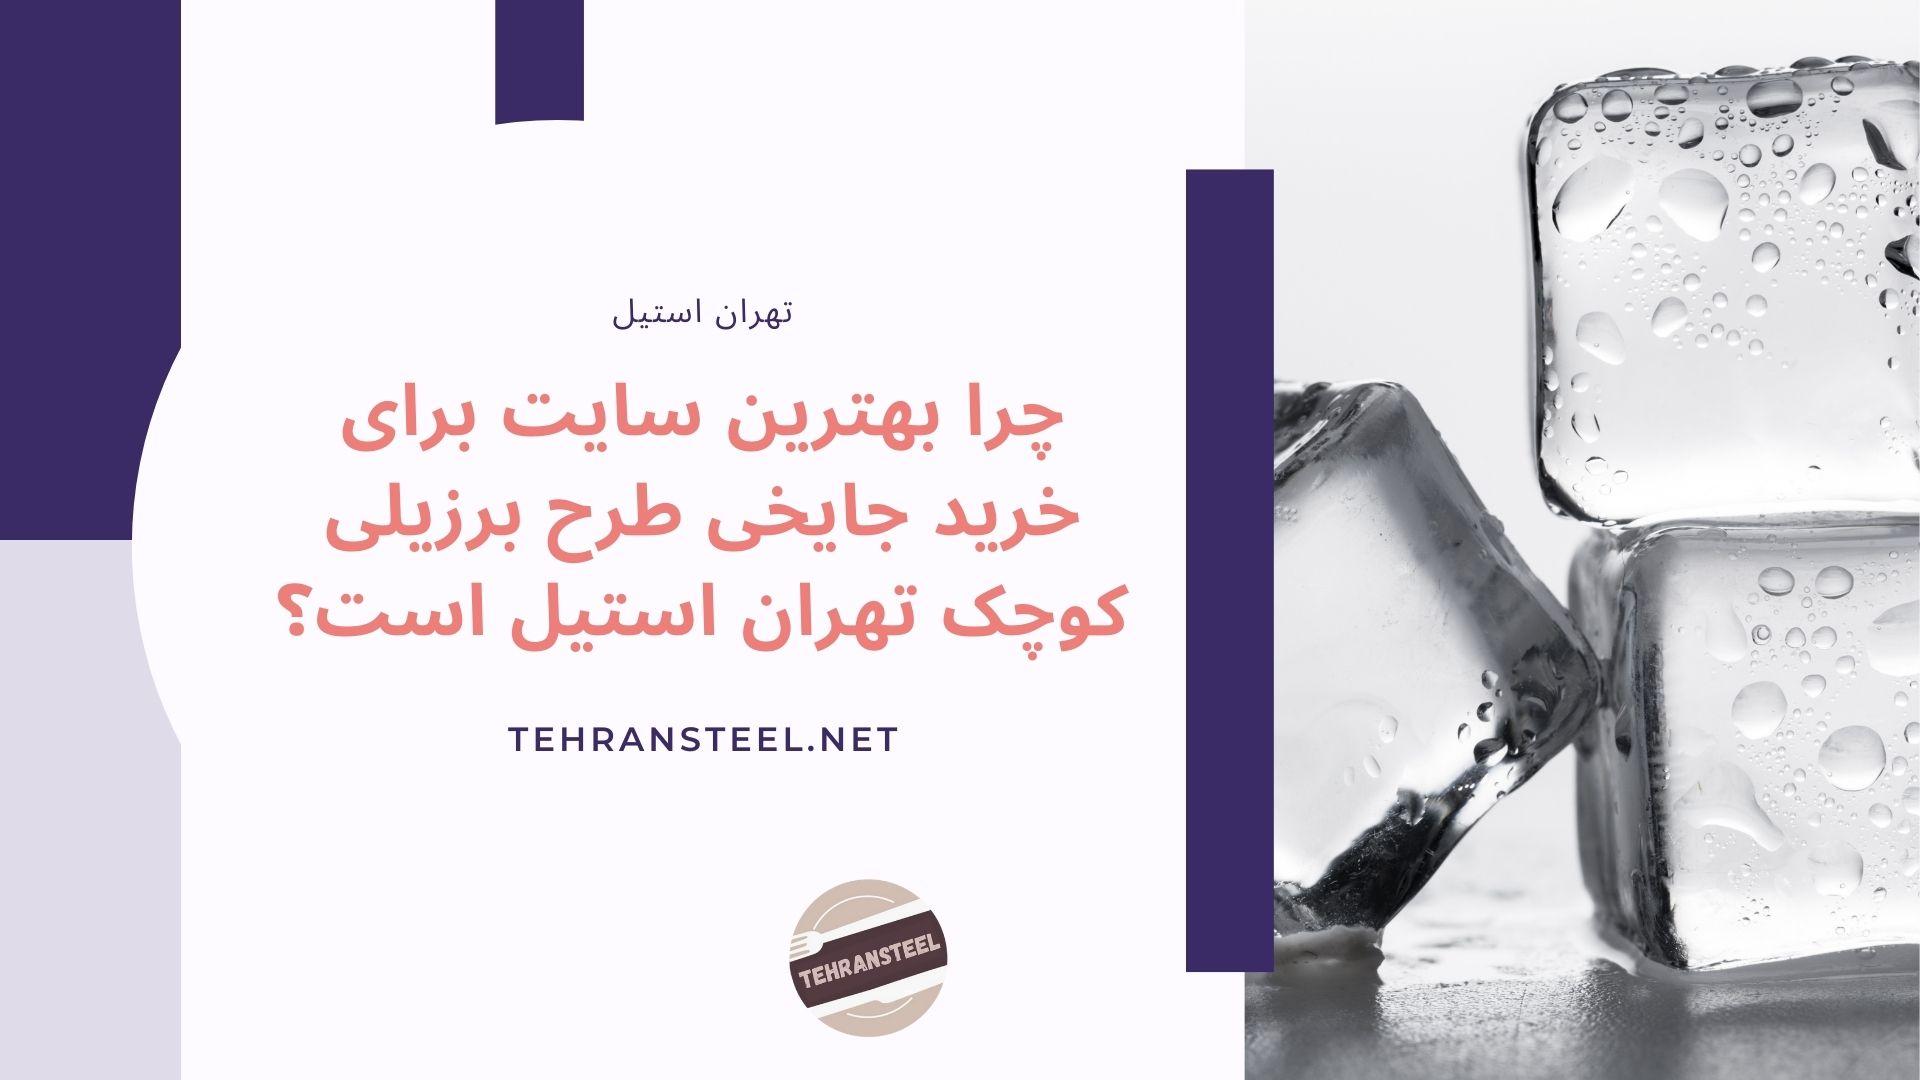 چرا بهترین سایت برای خرید جایخی طرح برزیلی کوچک تهران استیل است؟